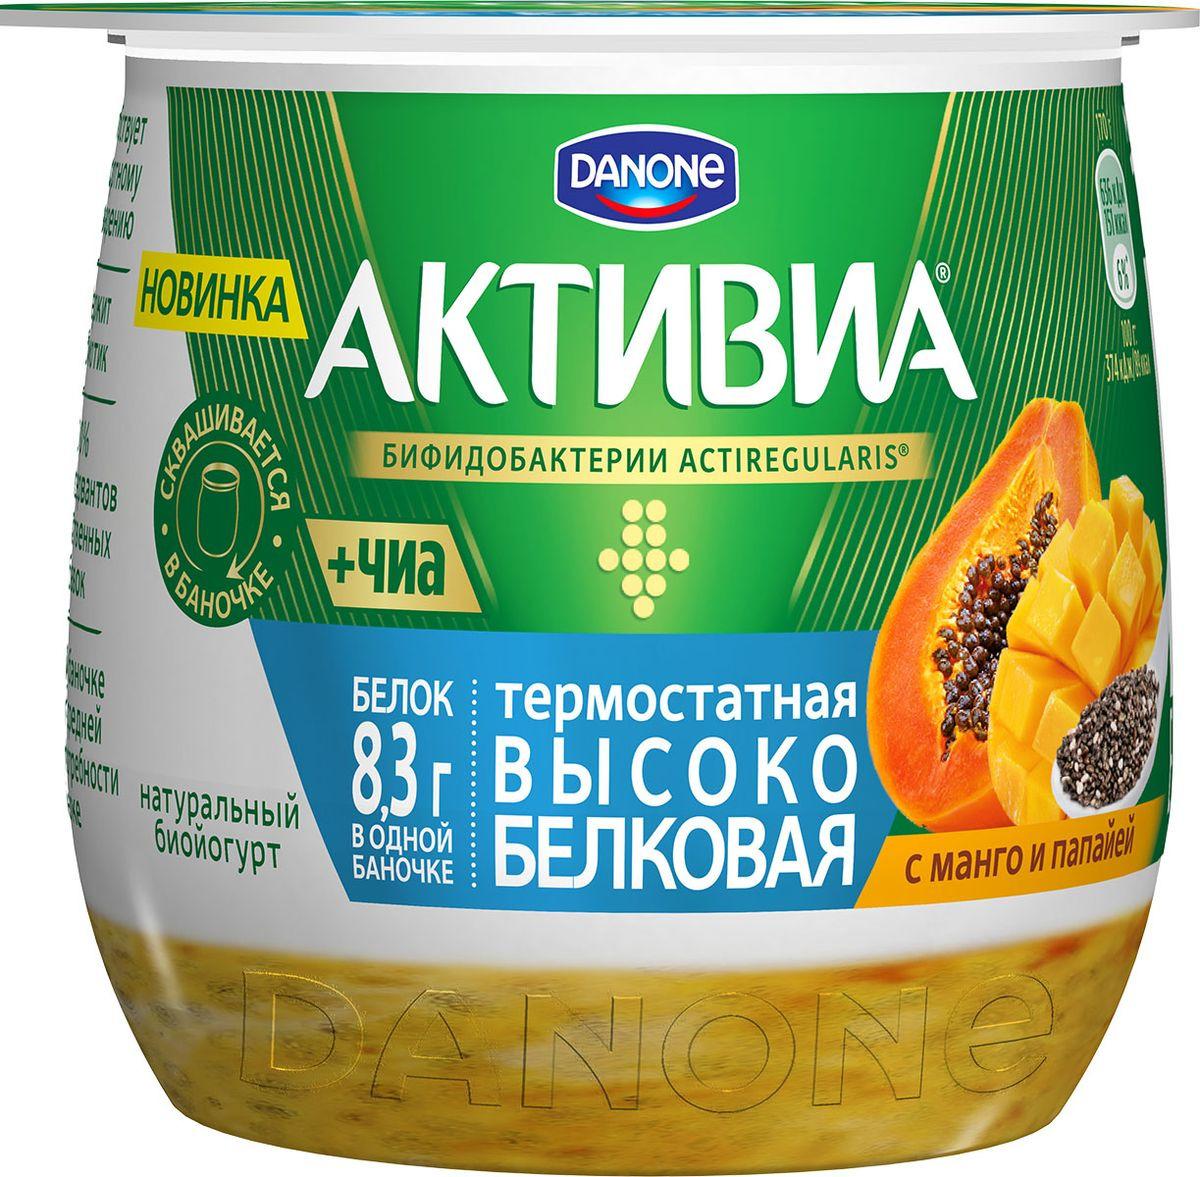 Биойогурт Активиа высокобелковый Манго, папайя, семена чиа, 2,4%, 170 г активиа высокобелковая биойогурт натуральный 3